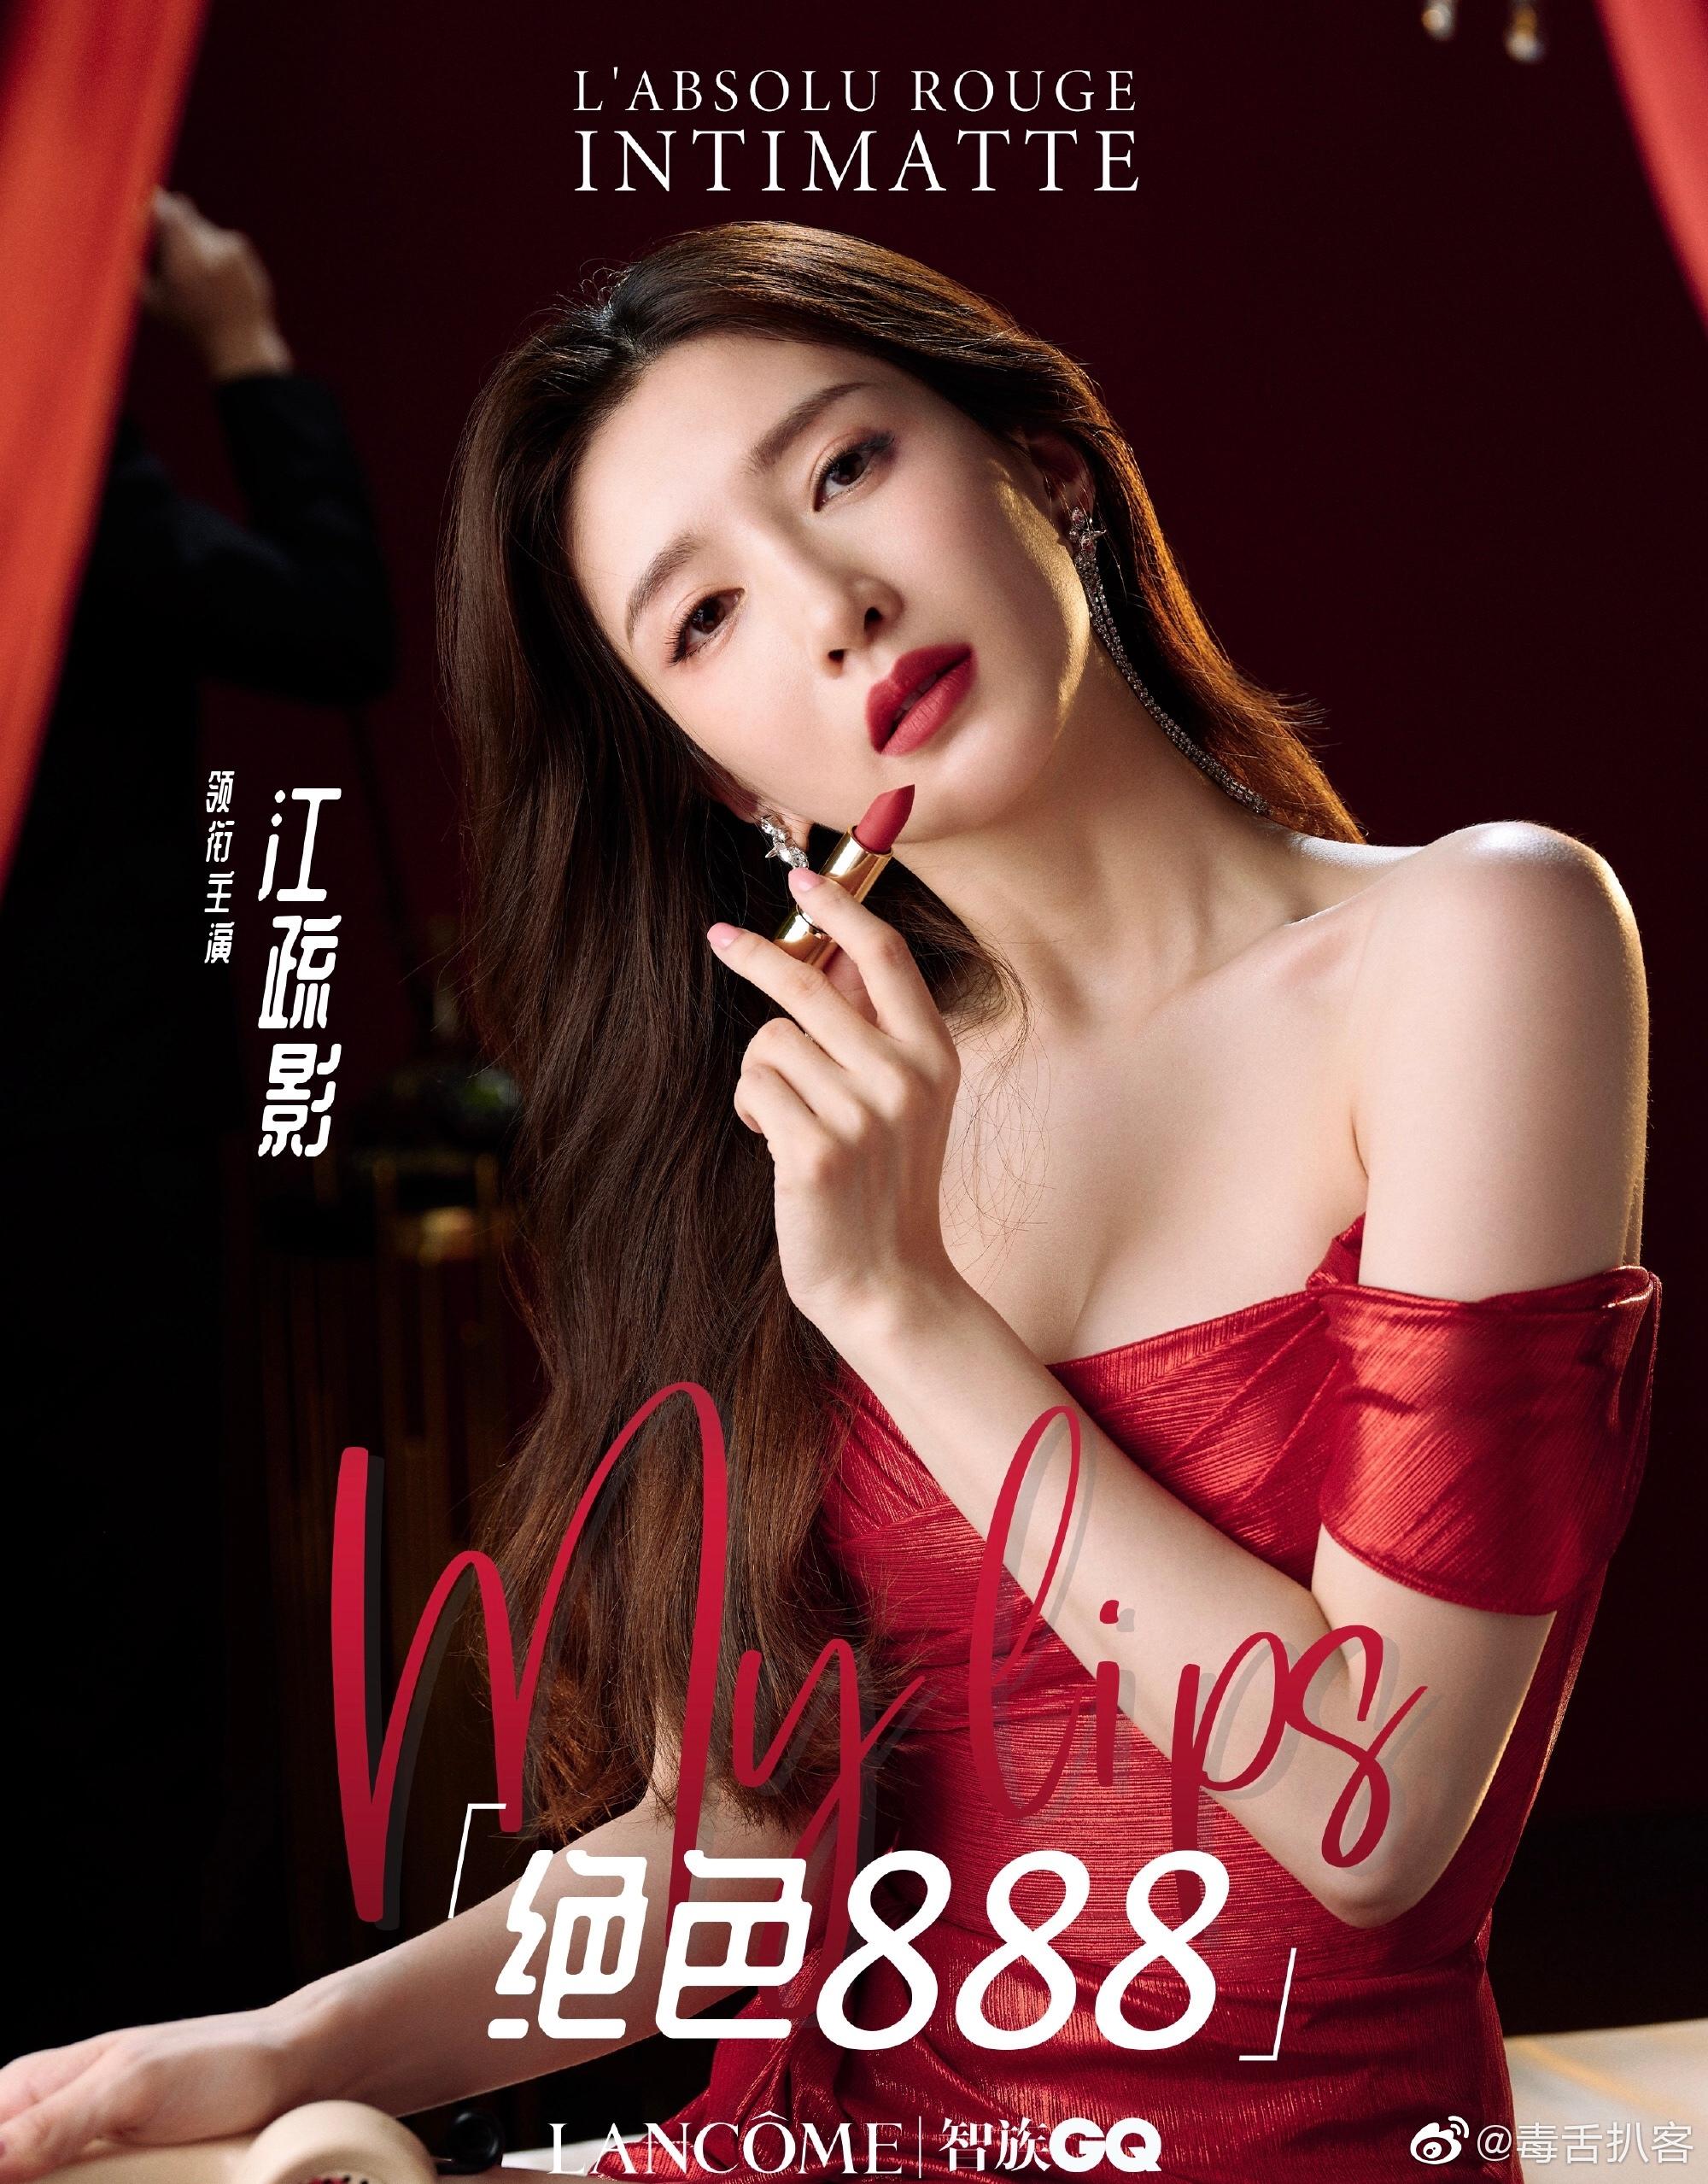 江疏影、刘涛、俞飞鸿、姜贞羽、金晨、周也拍摄的同一品牌产品海报